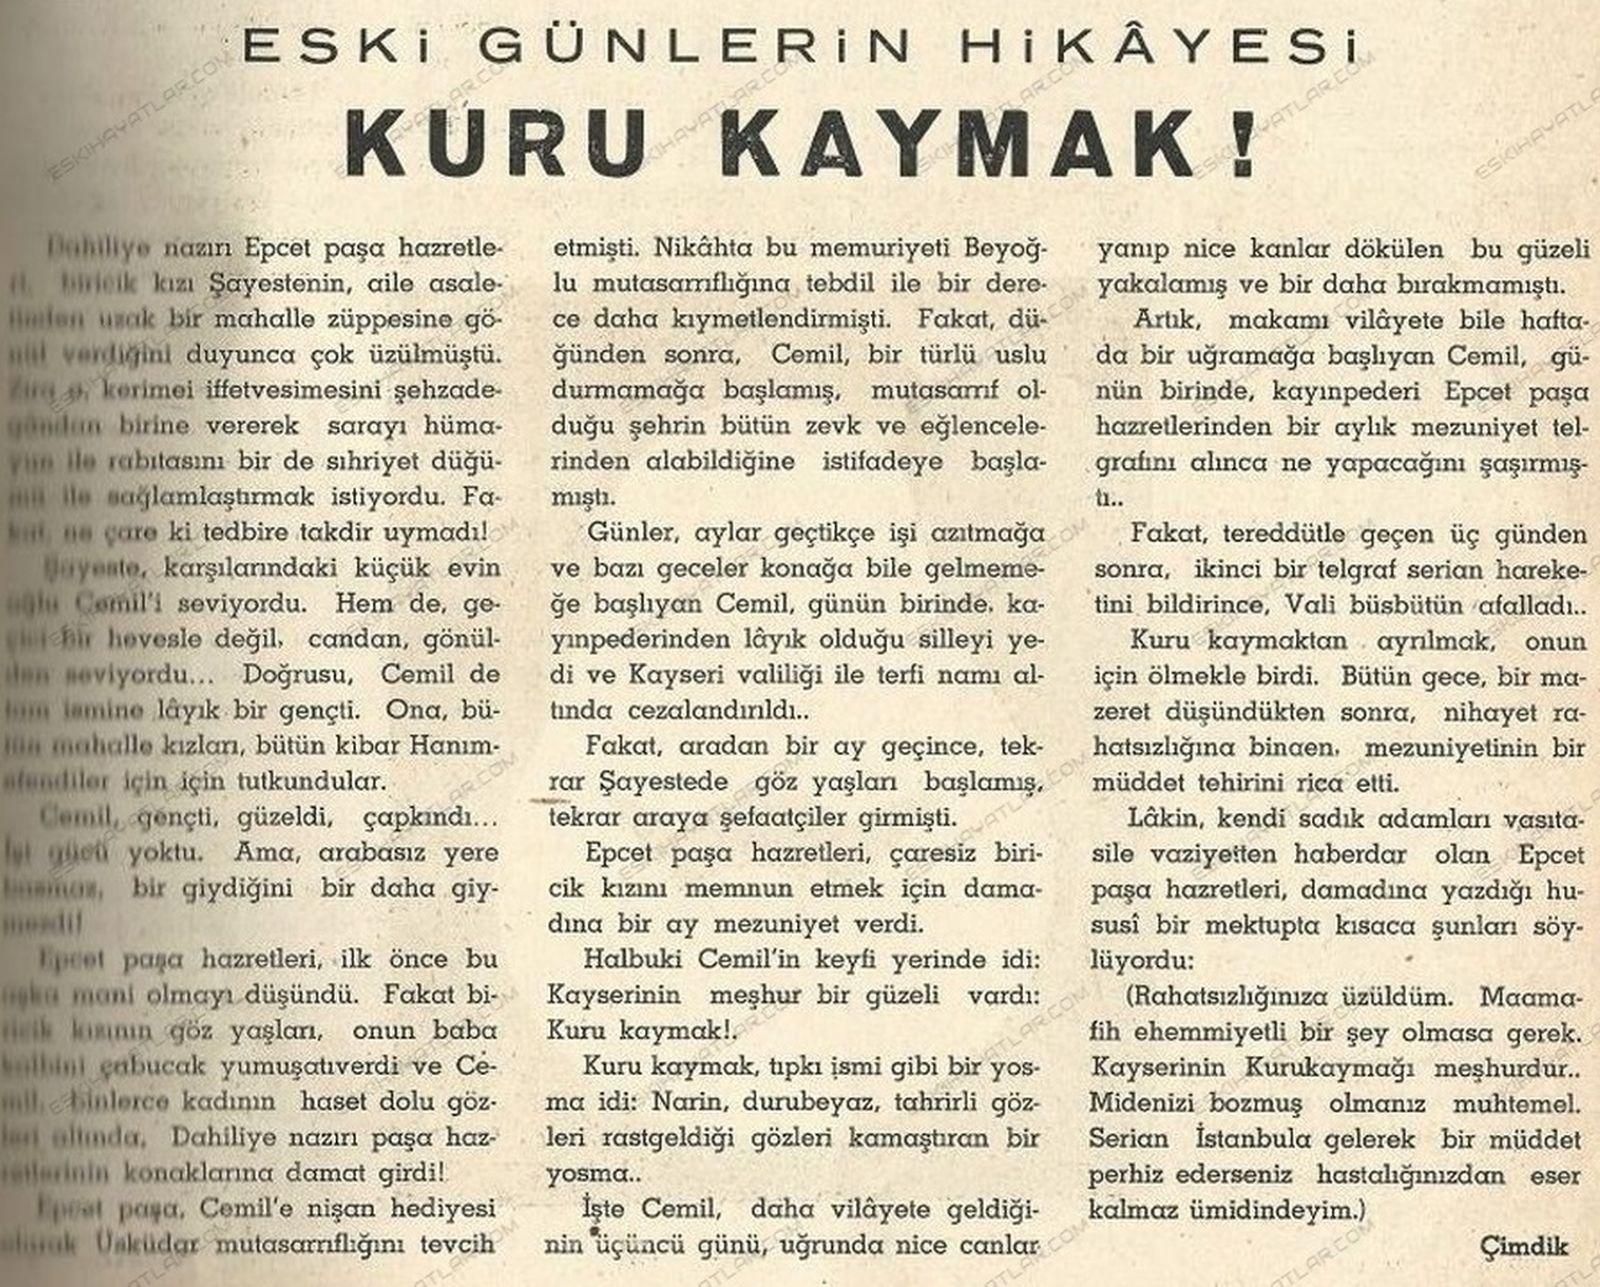 0225-akbaba-dergisi-1938-dersim-olaylari-yusuf-ziya-ortac-akbaba-arsivi (8)